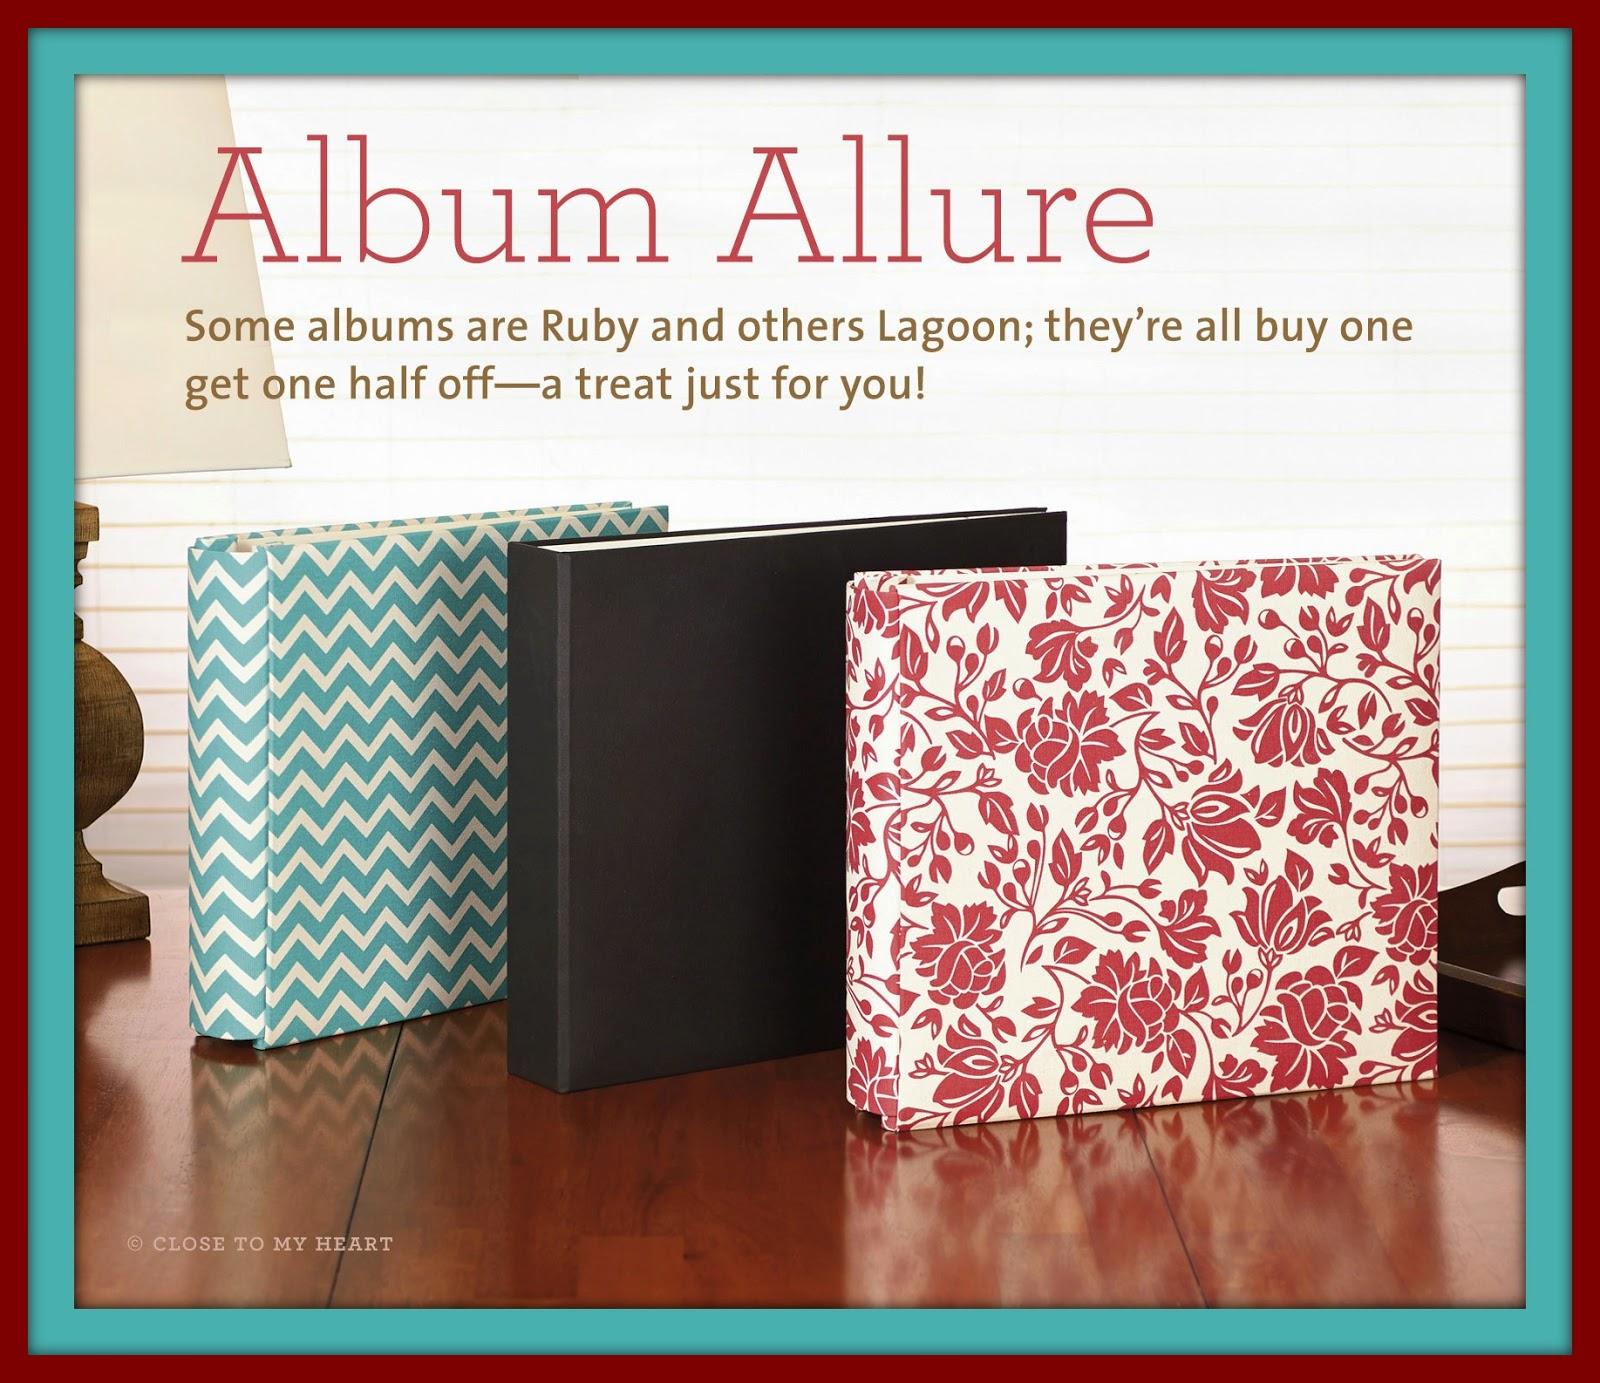 Album Allure